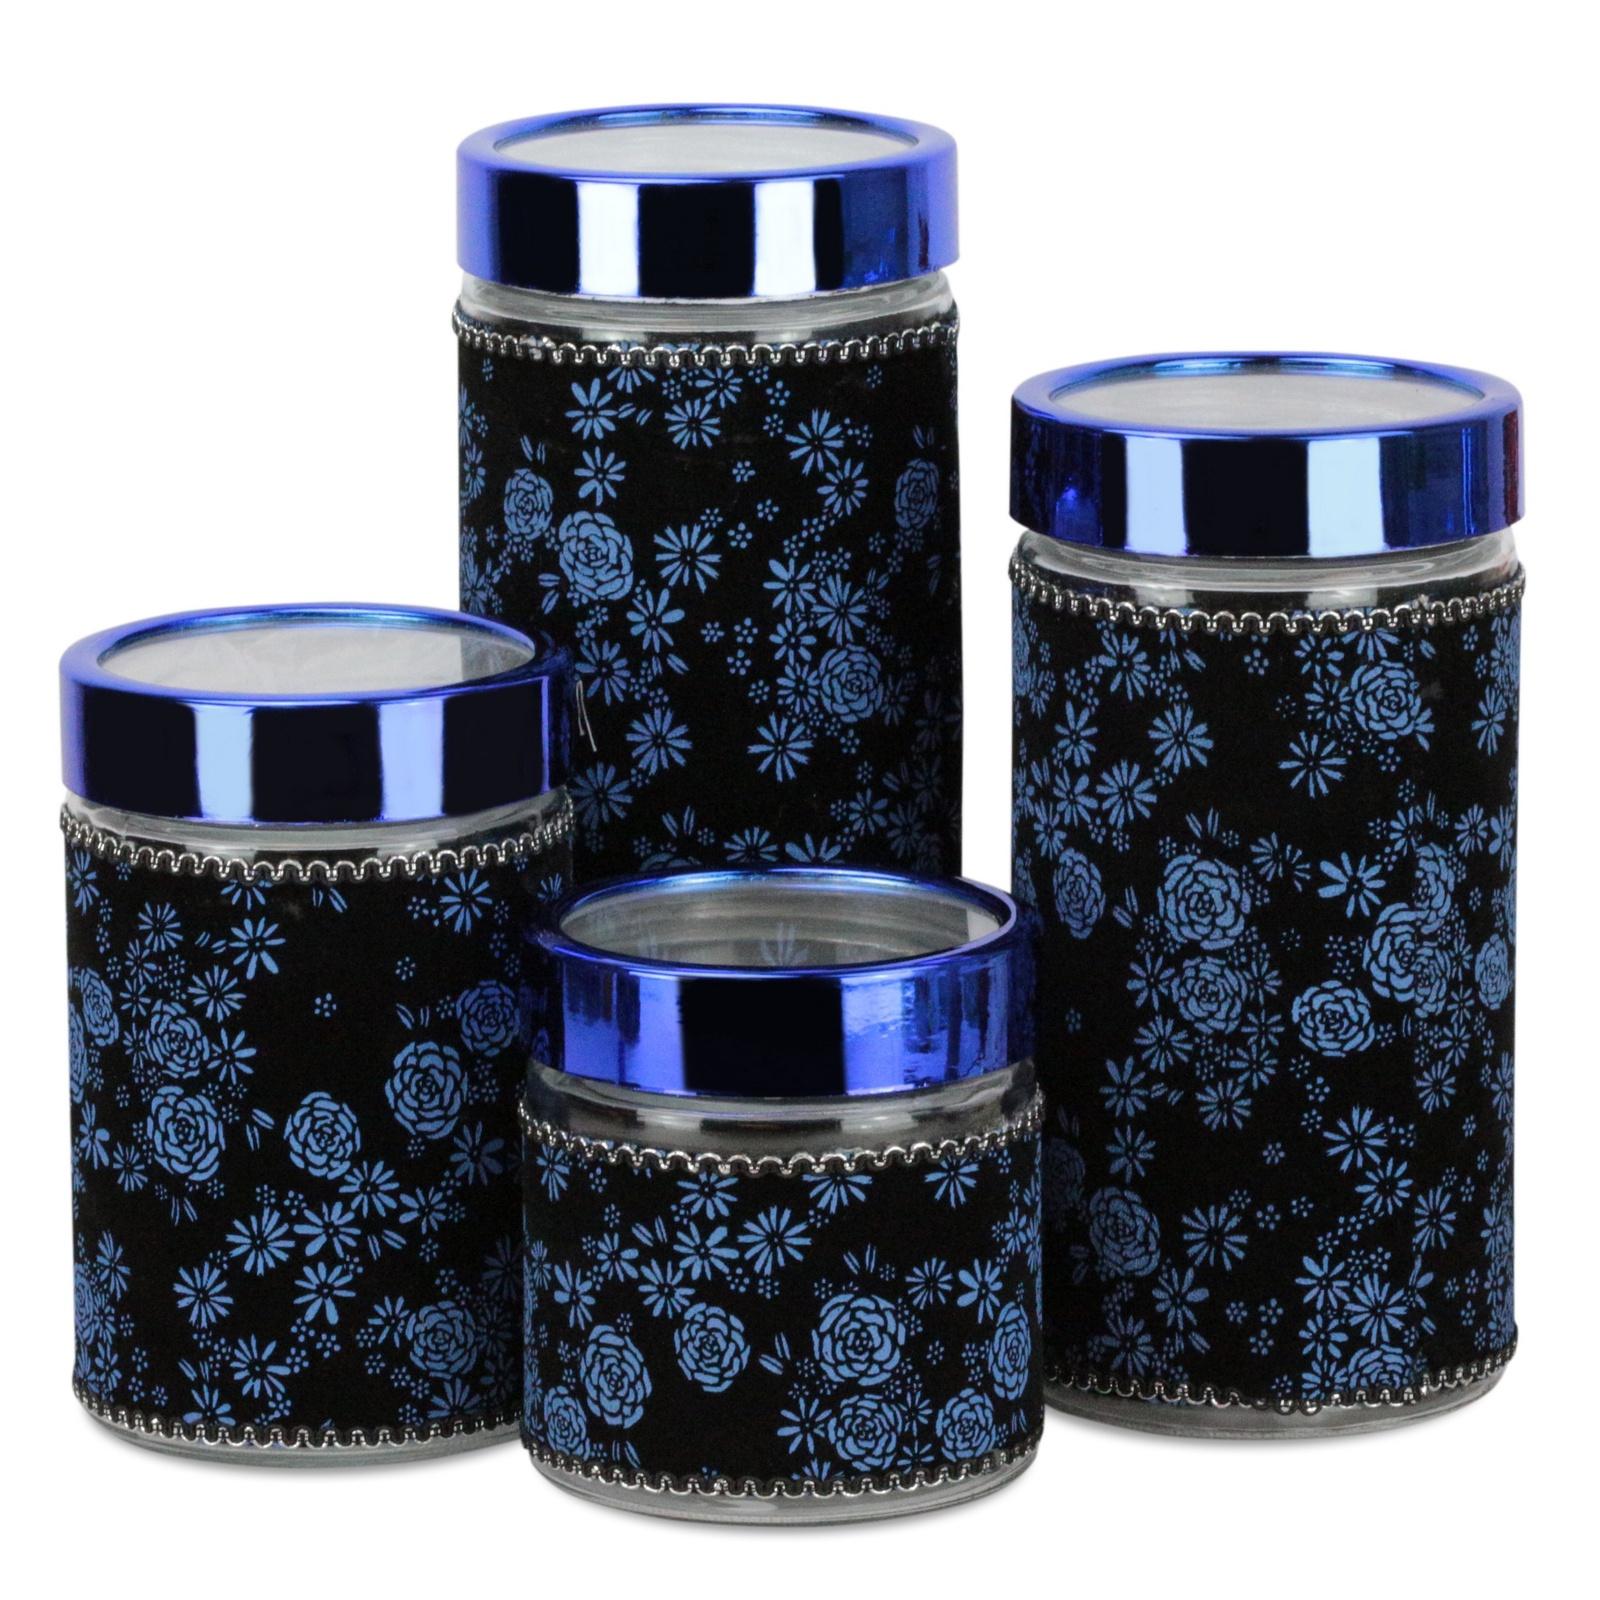 Набор банок для сыпучих продуктов Kelli, 289B, синий, 4 шт набор банок для сыпучих продуктов прованс из 4 х шт 1145180